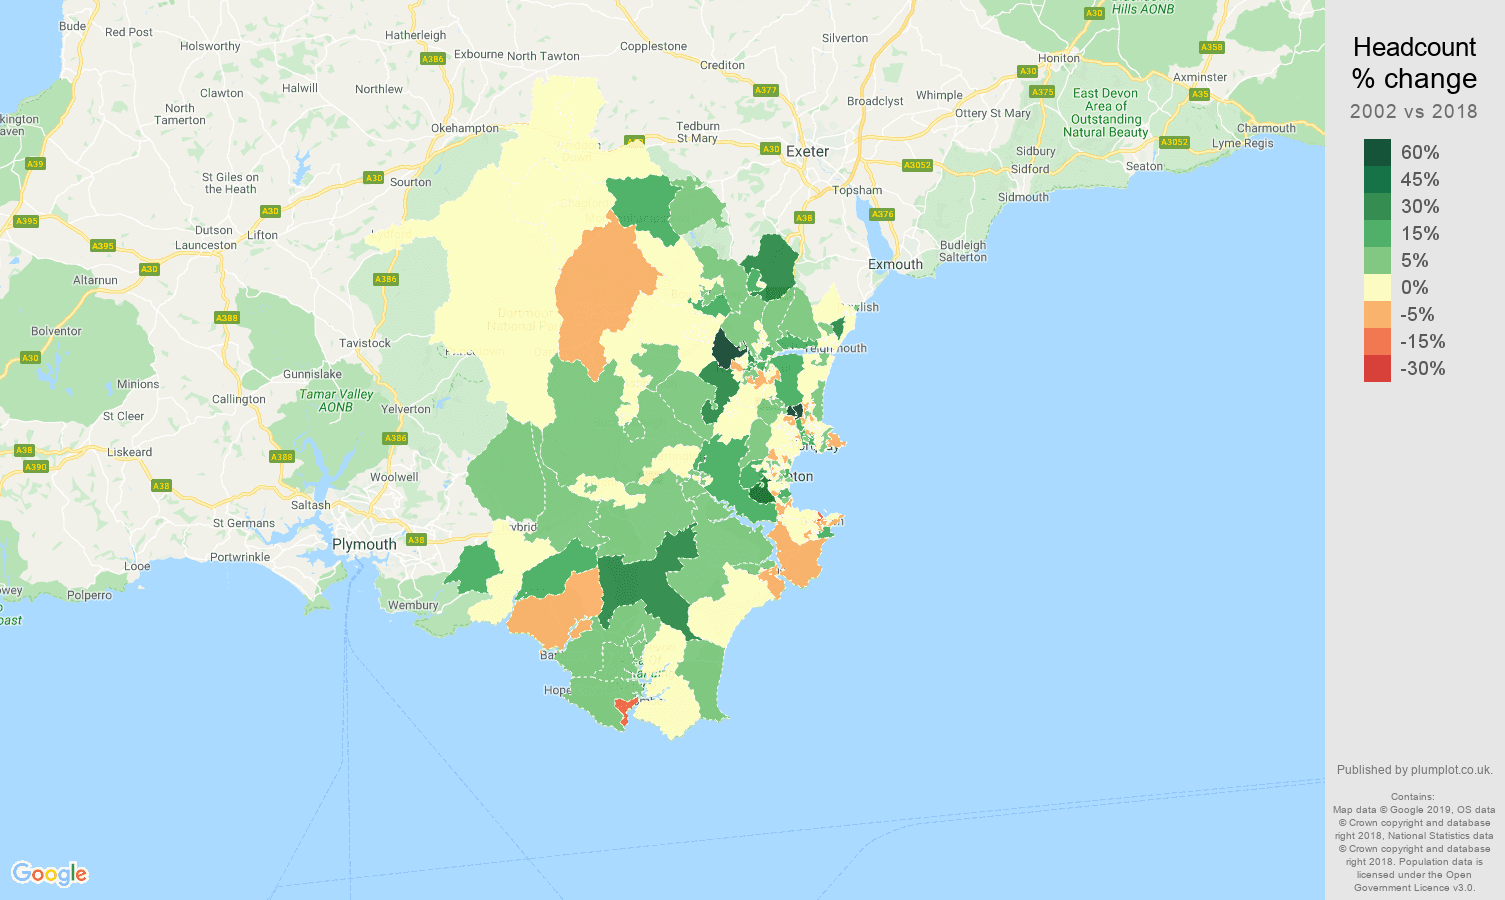 Torquay headcount change map